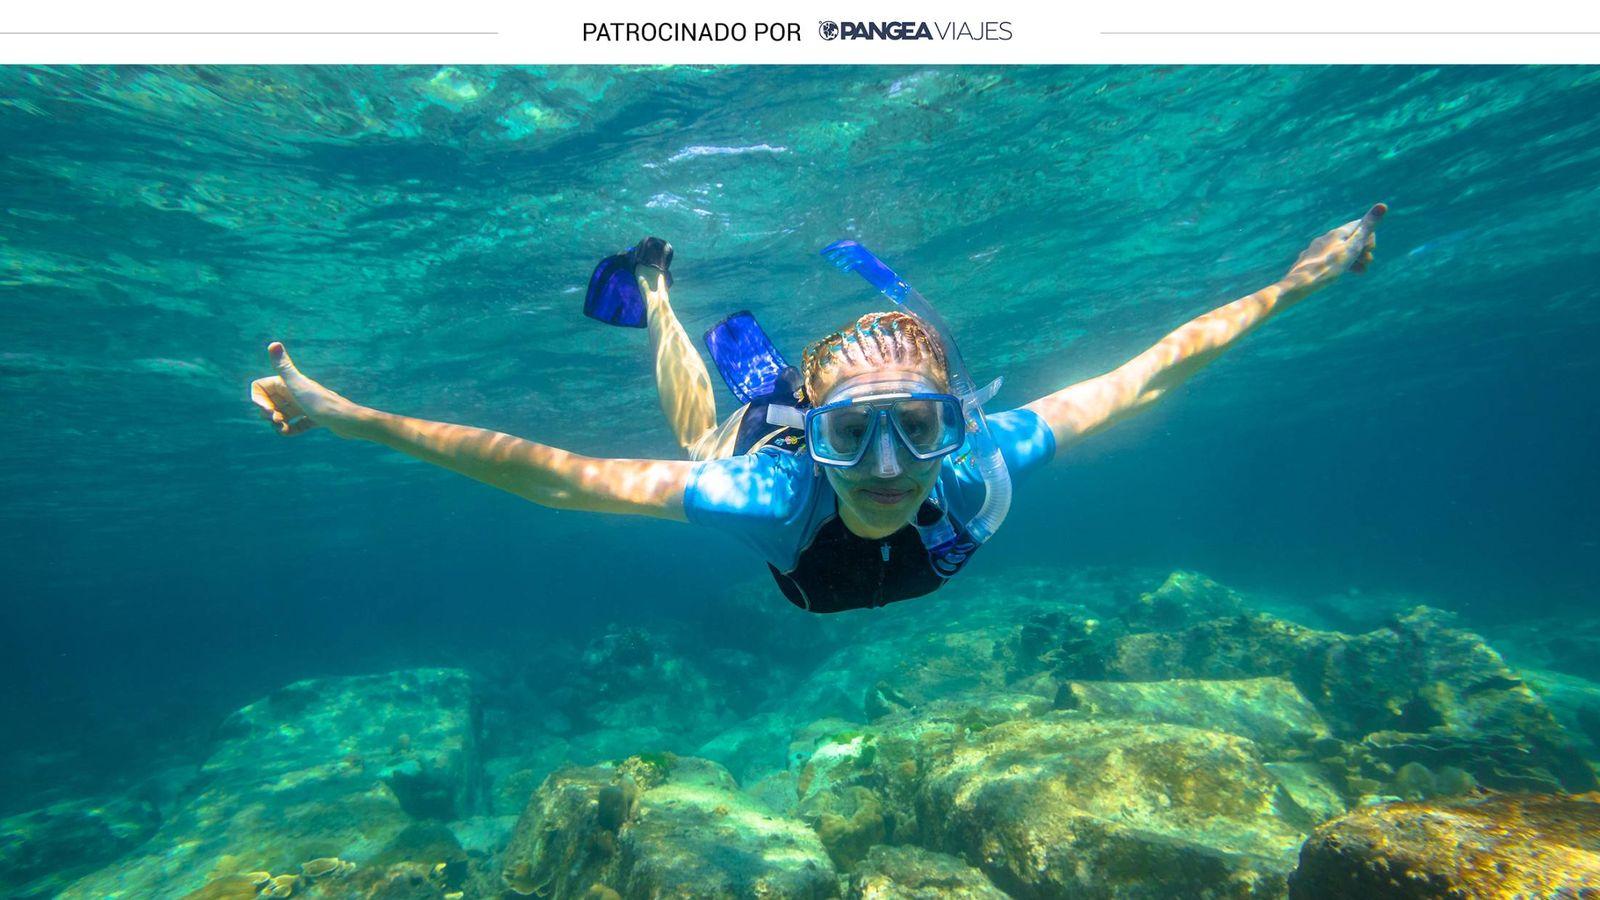 Thumbnail for Turismo en Girona: actividades náuticas en la Costa Brava